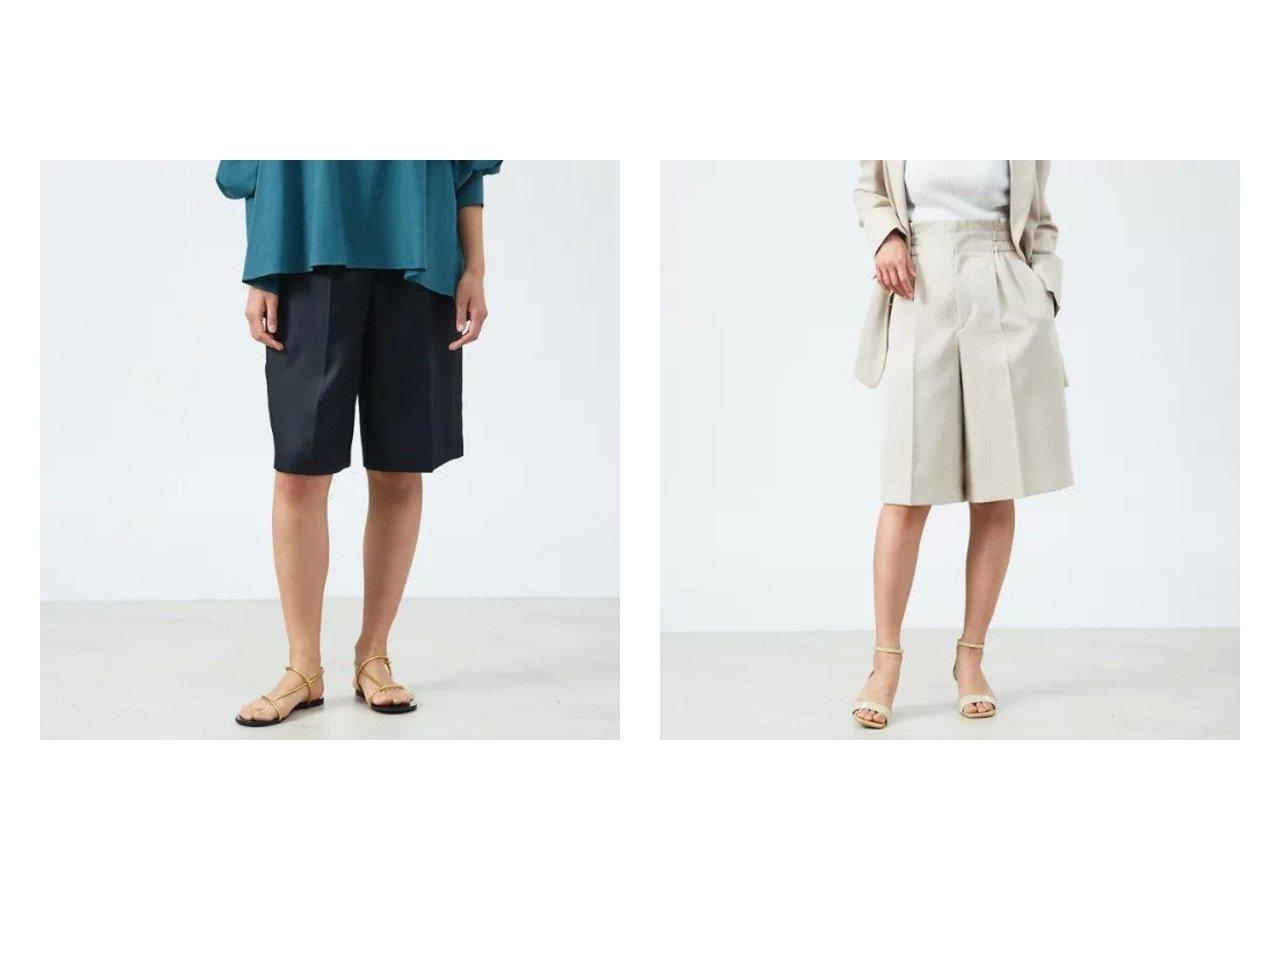 【qualite/カリテ】のウエストギャザーハーフパンツ 【パンツ】おすすめ!人気、トレンド・レディースファッションの通販 おすすめで人気の流行・トレンド、ファッションの通販商品 メンズファッション・キッズファッション・インテリア・家具・レディースファッション・服の通販 founy(ファニー) https://founy.com/ ファッション Fashion レディースファッション WOMEN パンツ Pants ハーフ / ショートパンツ Short Pants おすすめ Recommend キュロット シャーリング ショート セットアップ センター トレンド ハーフ ワイド |ID:crp329100000029109